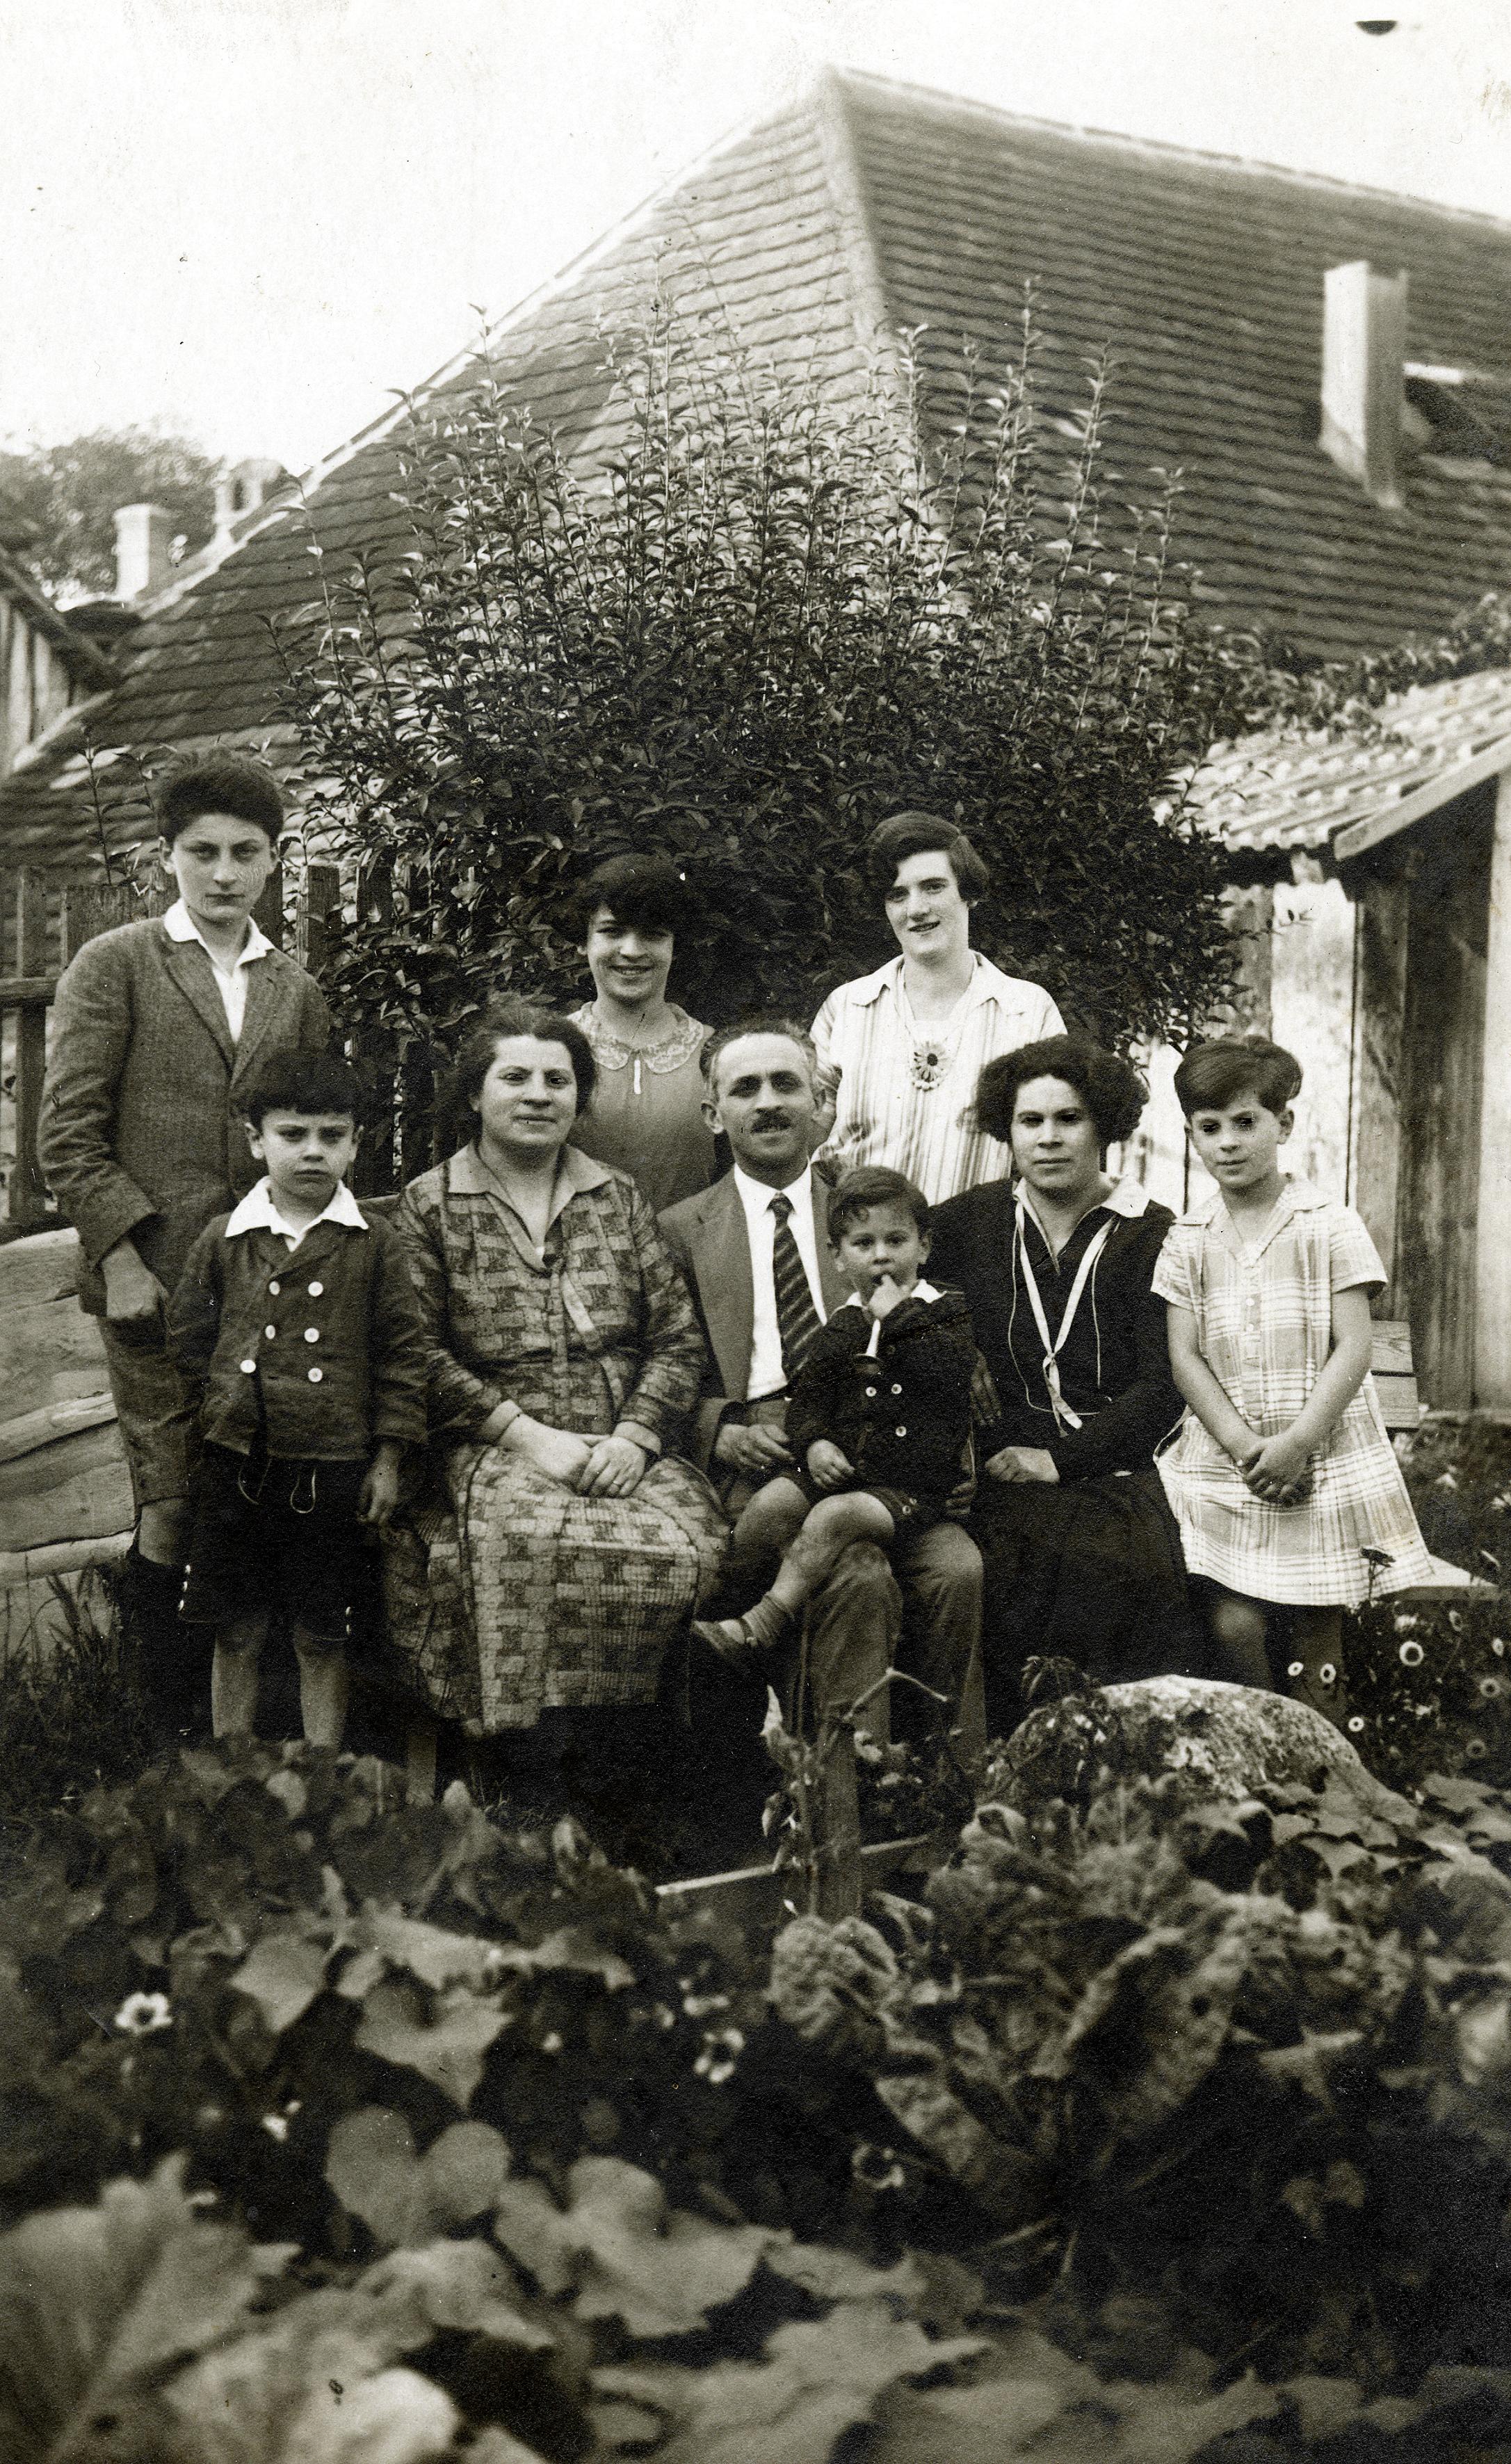 Dr. Robert Rosners Familie in Kärnten